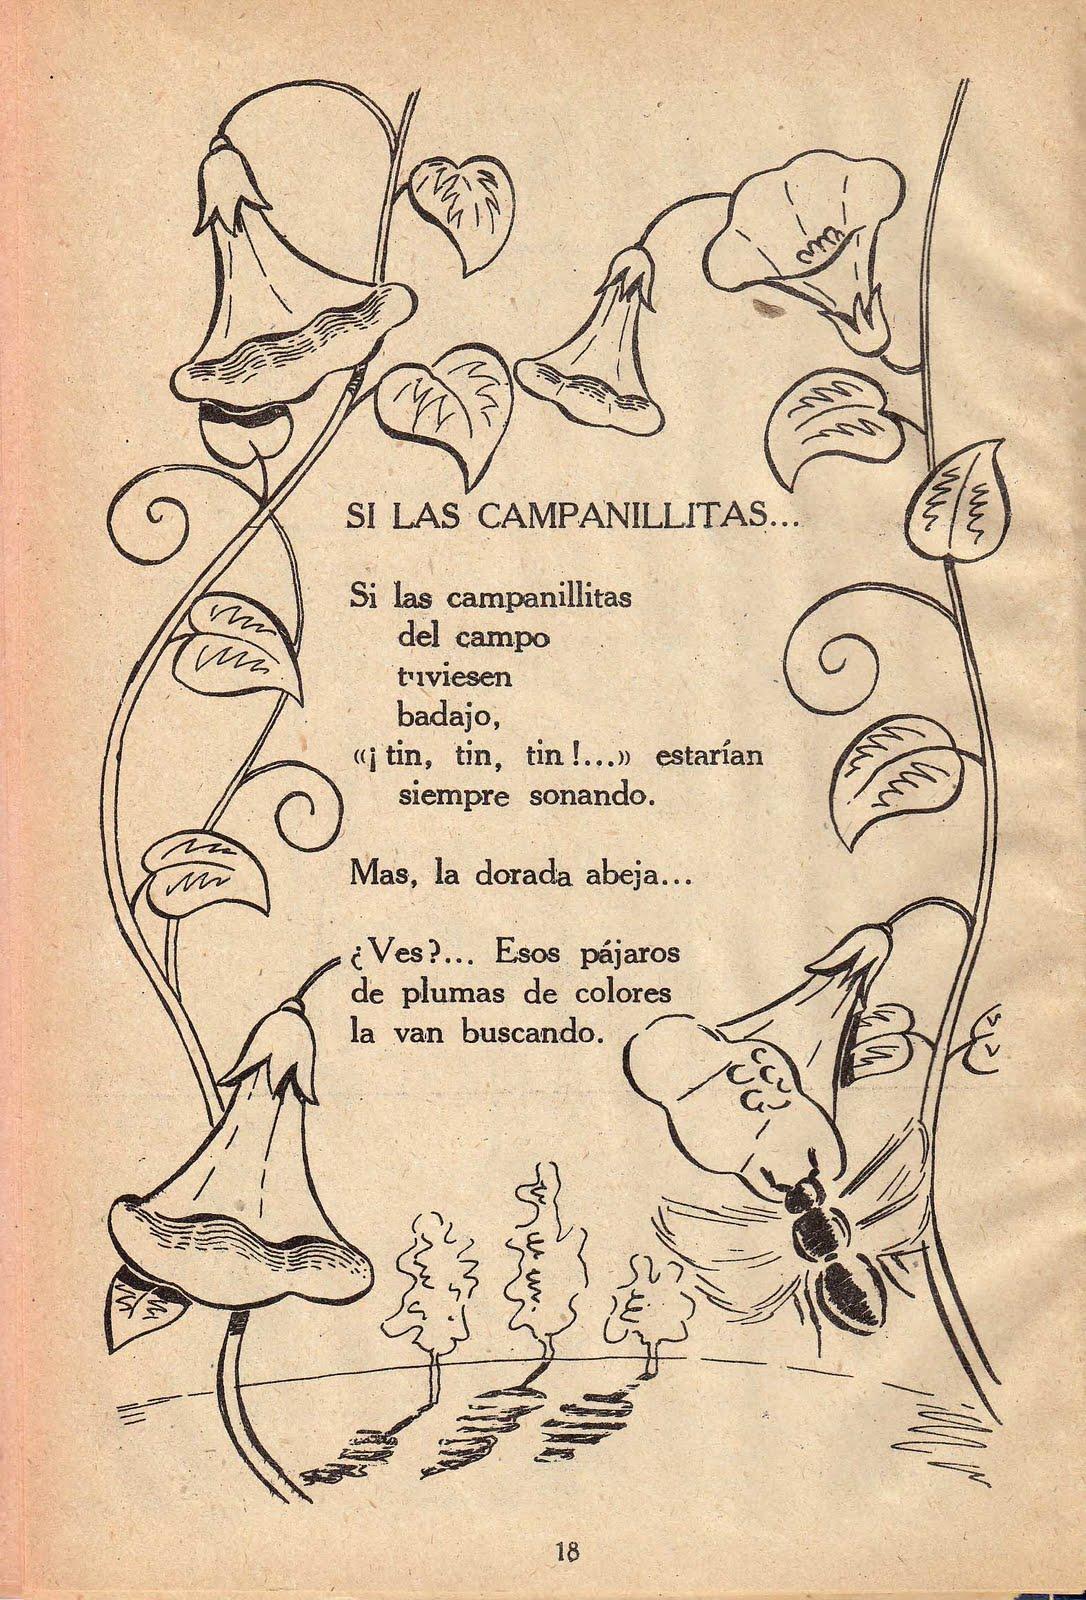 Poemas Para Nios De Primaria De 5 Grado Poemas Para Nios De Primaria De 5 Grado Apexwallpapers Com